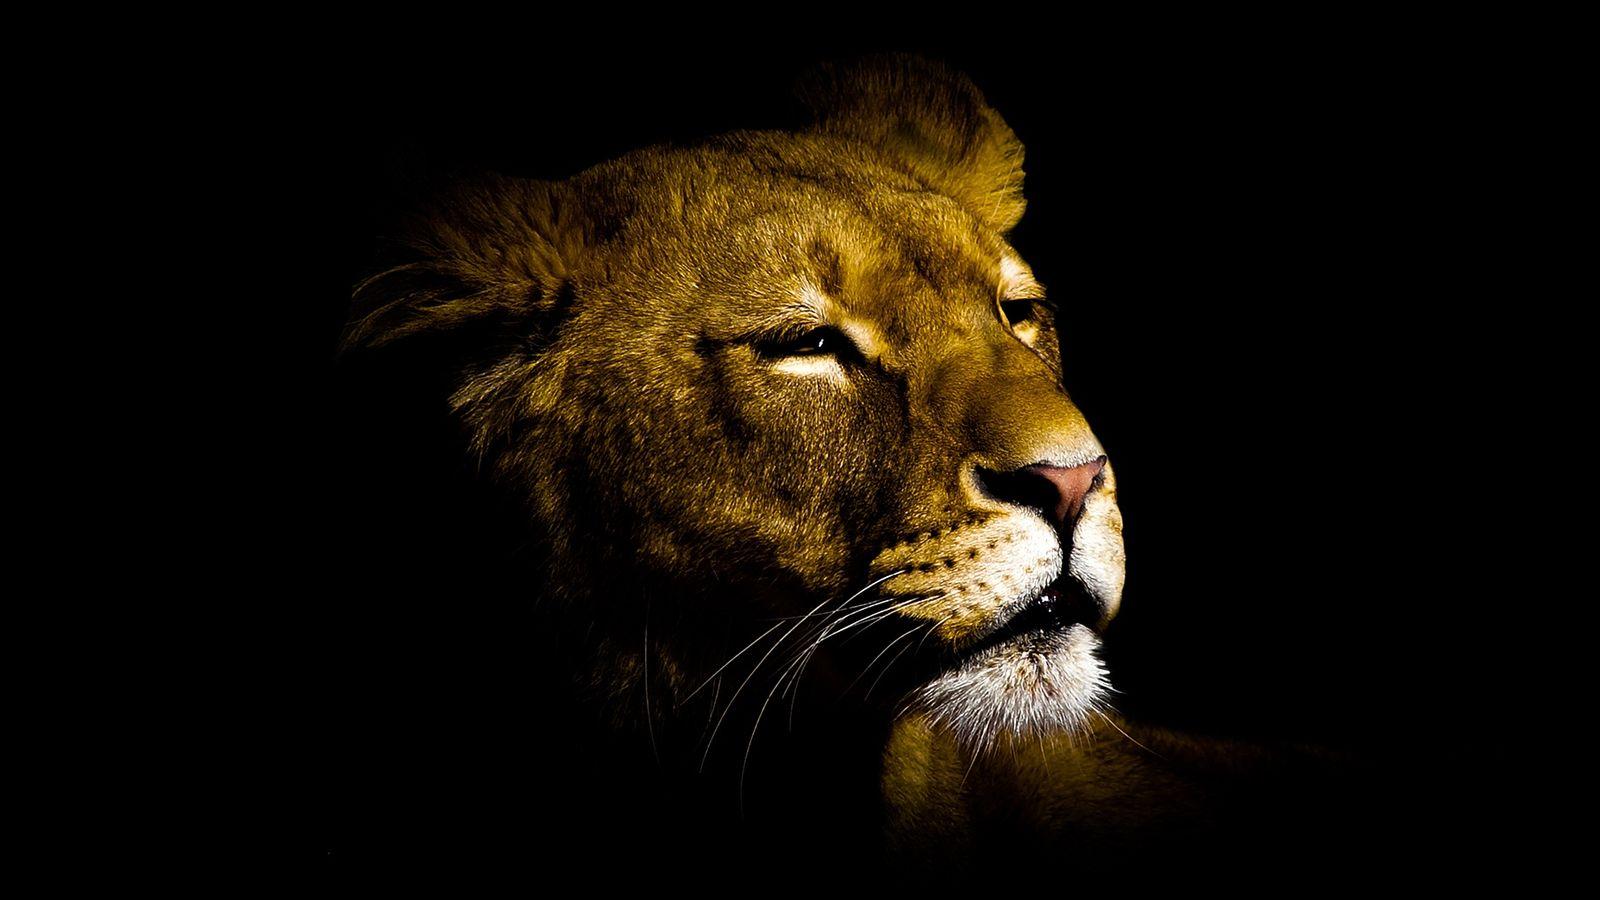 Mac Os Lion Fond D Ecran Hd Notcomptelro Ml